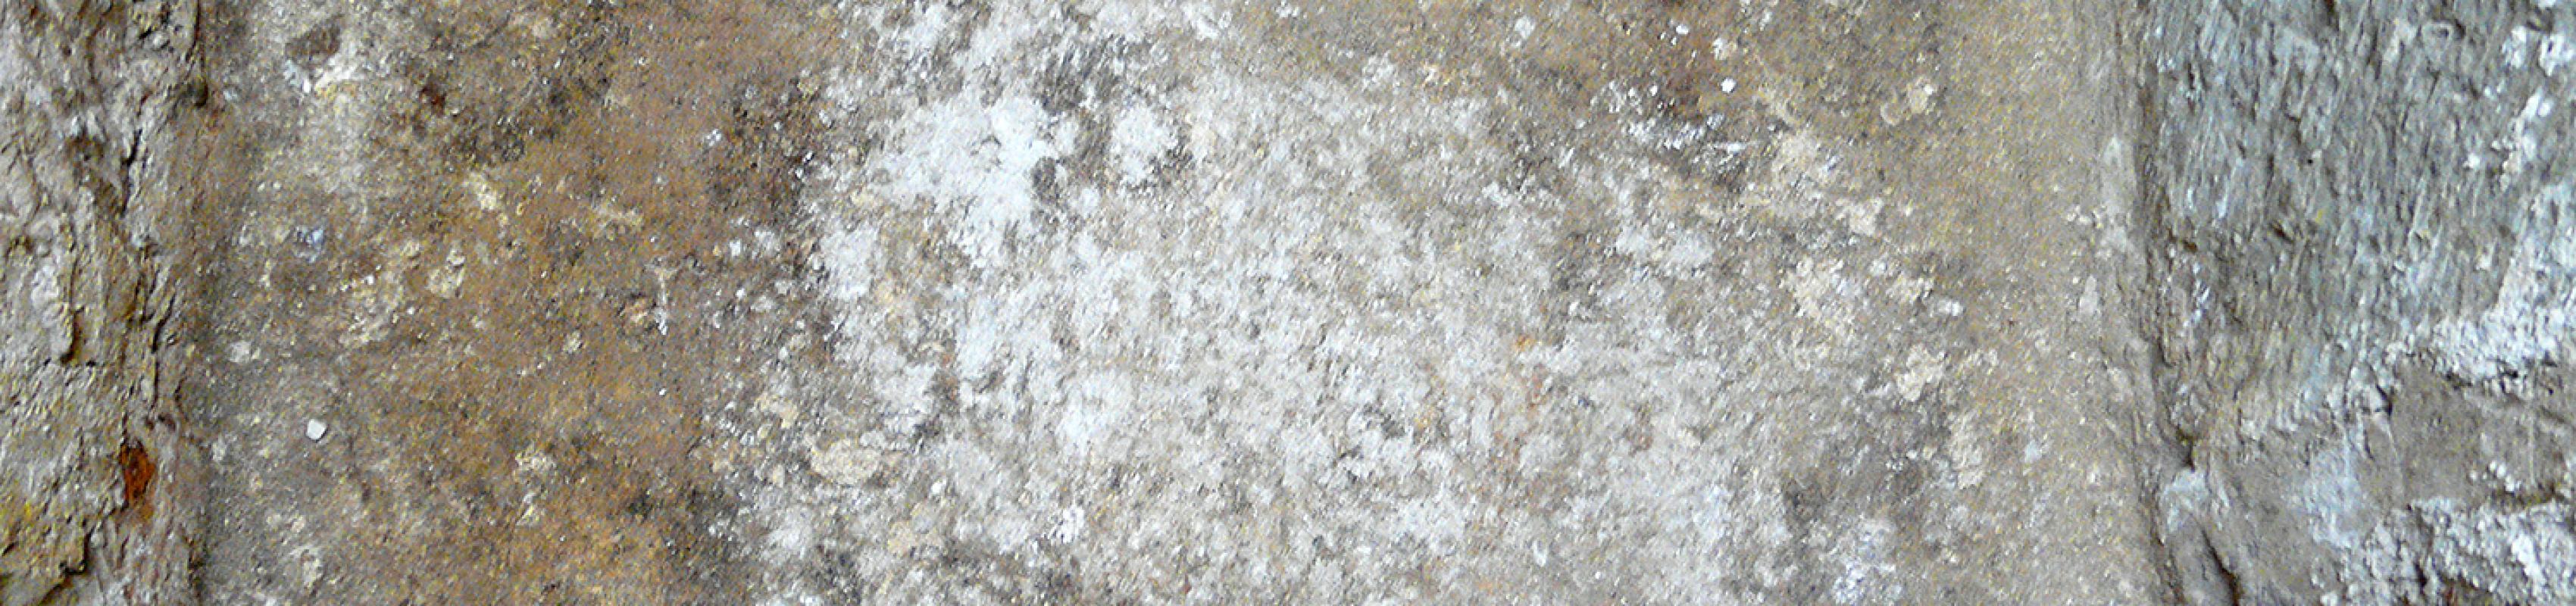 Detall de la base de la tomba, constituïda per una capa de calç. (Autor: Carme Subiranas)